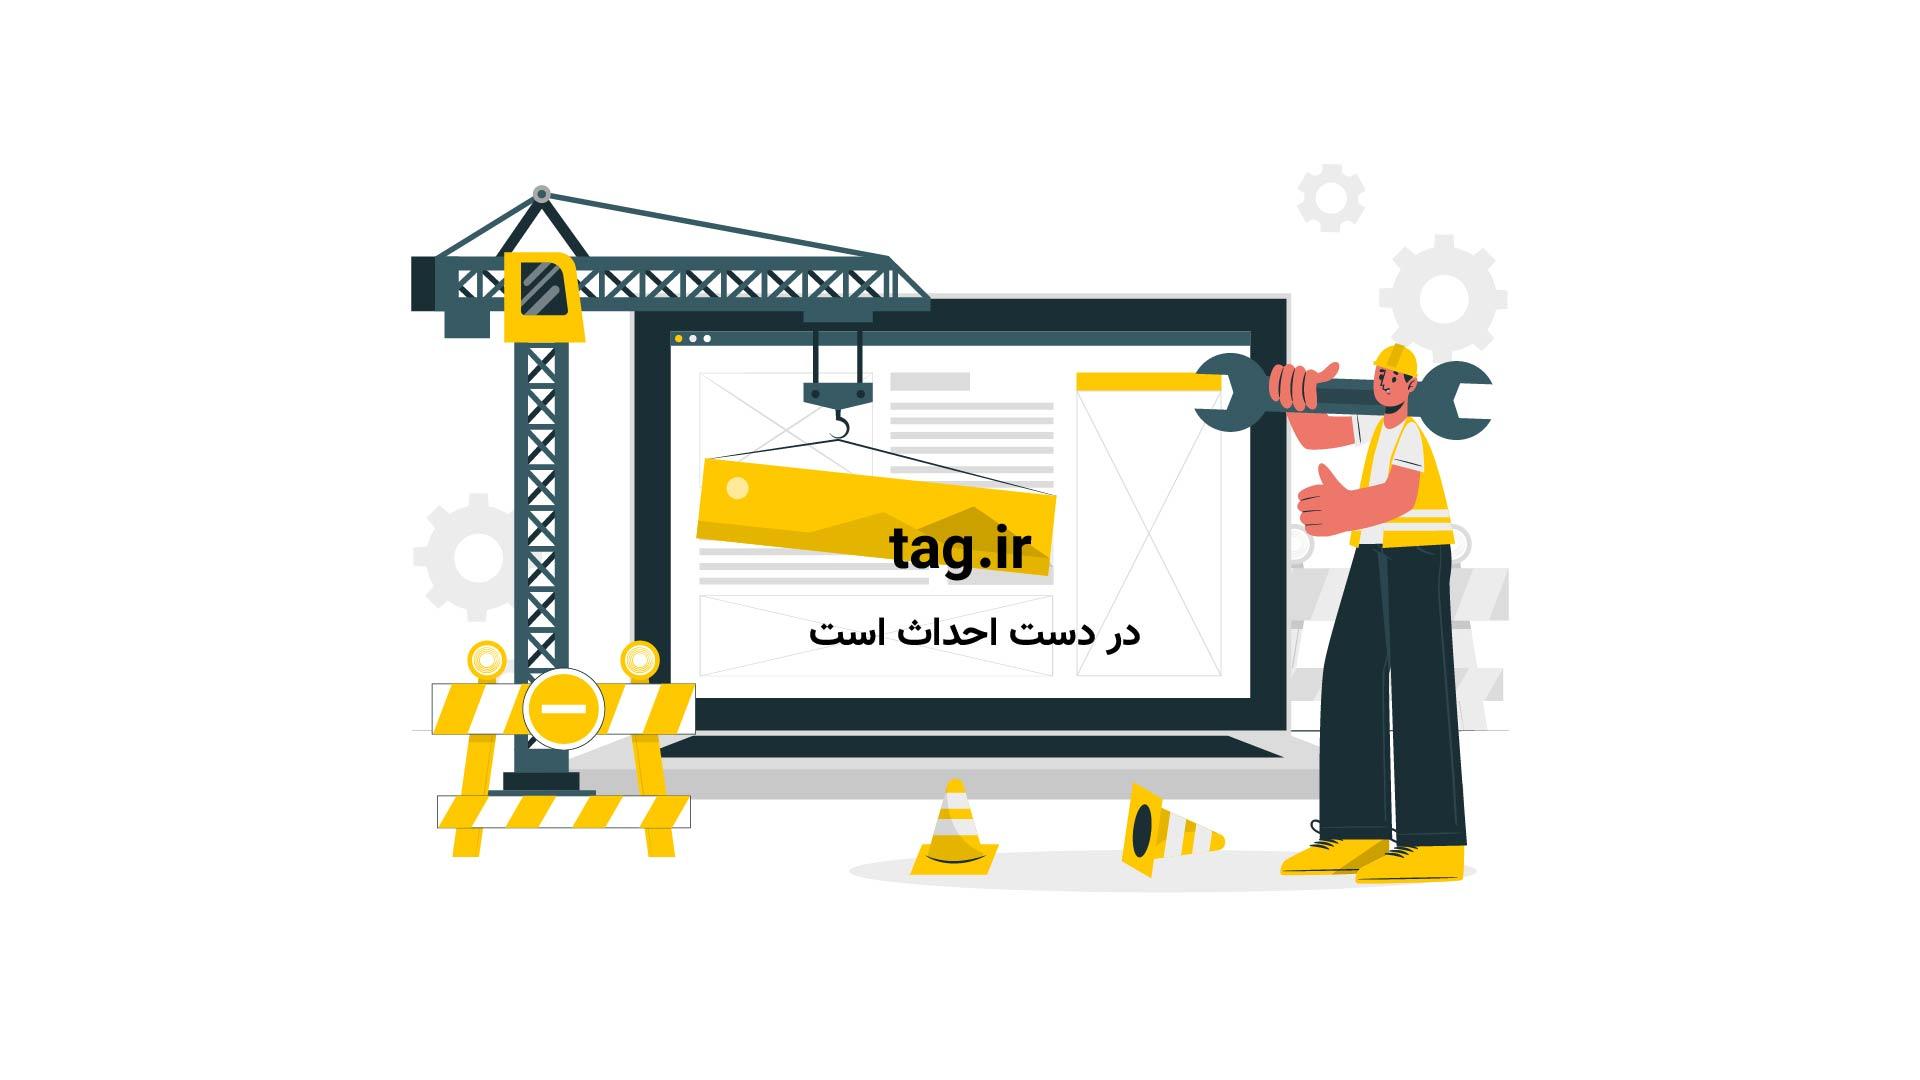 نقاشی عقاب | تگ